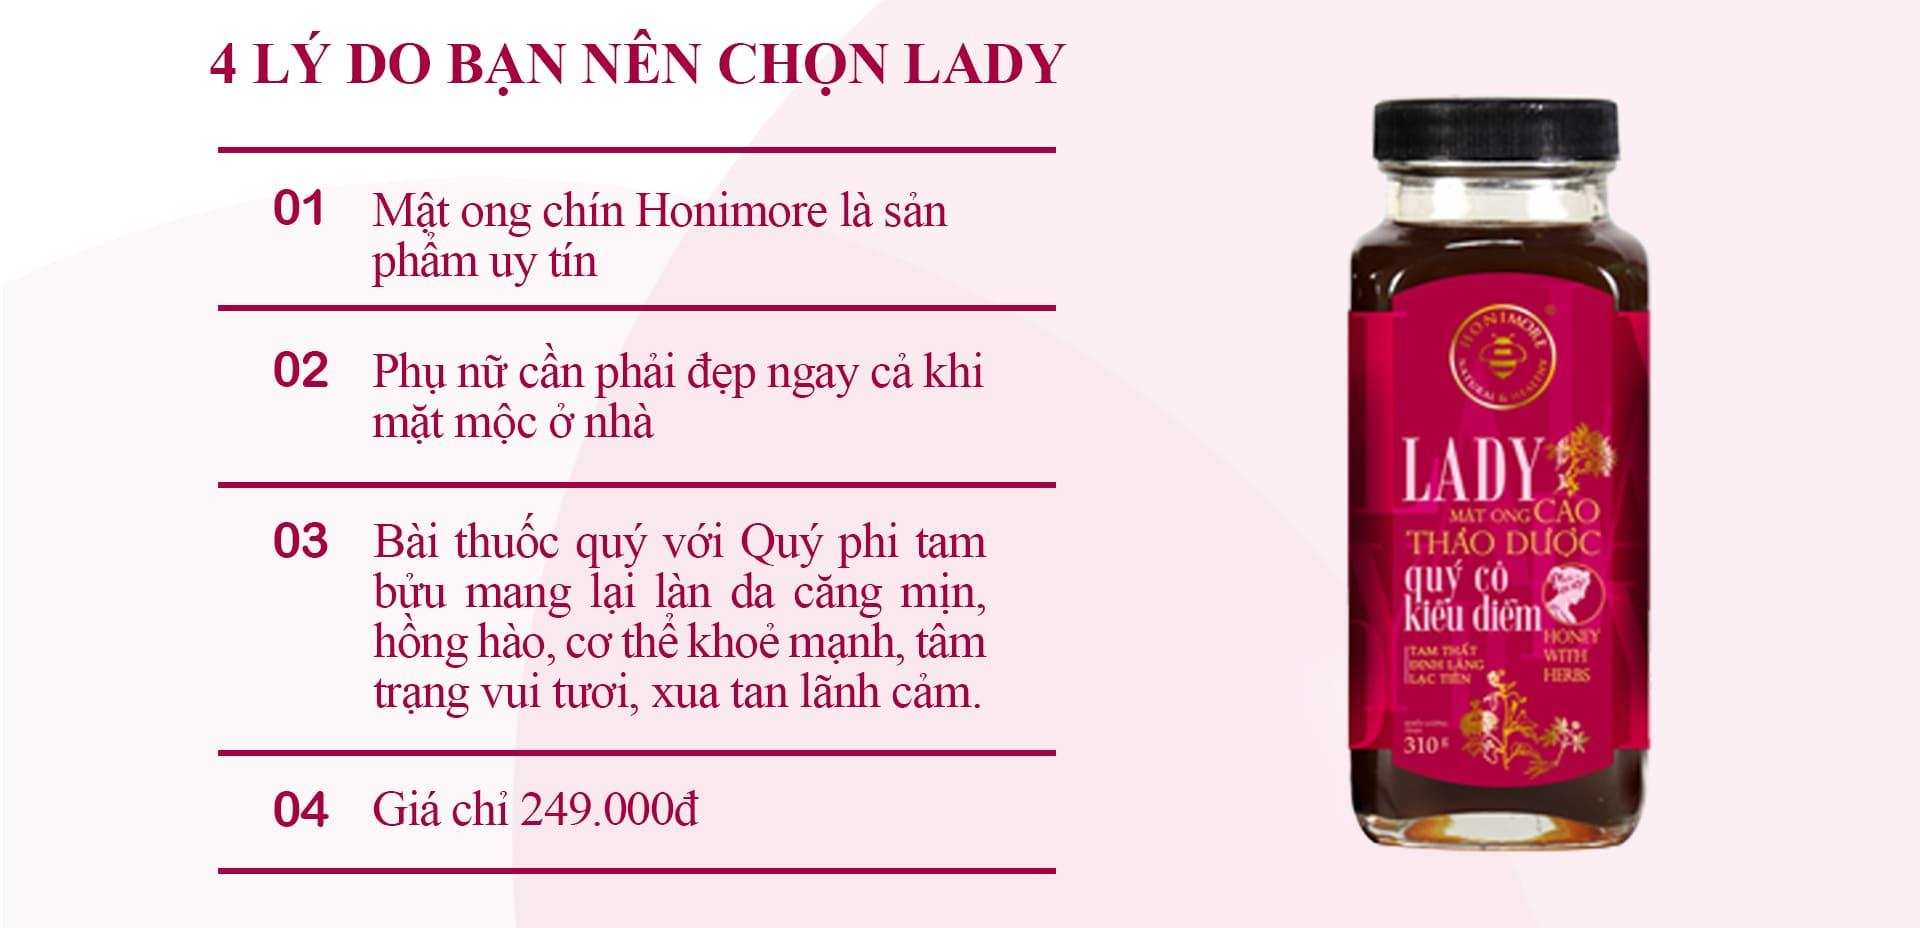 Nên chọn sản phẩm lady